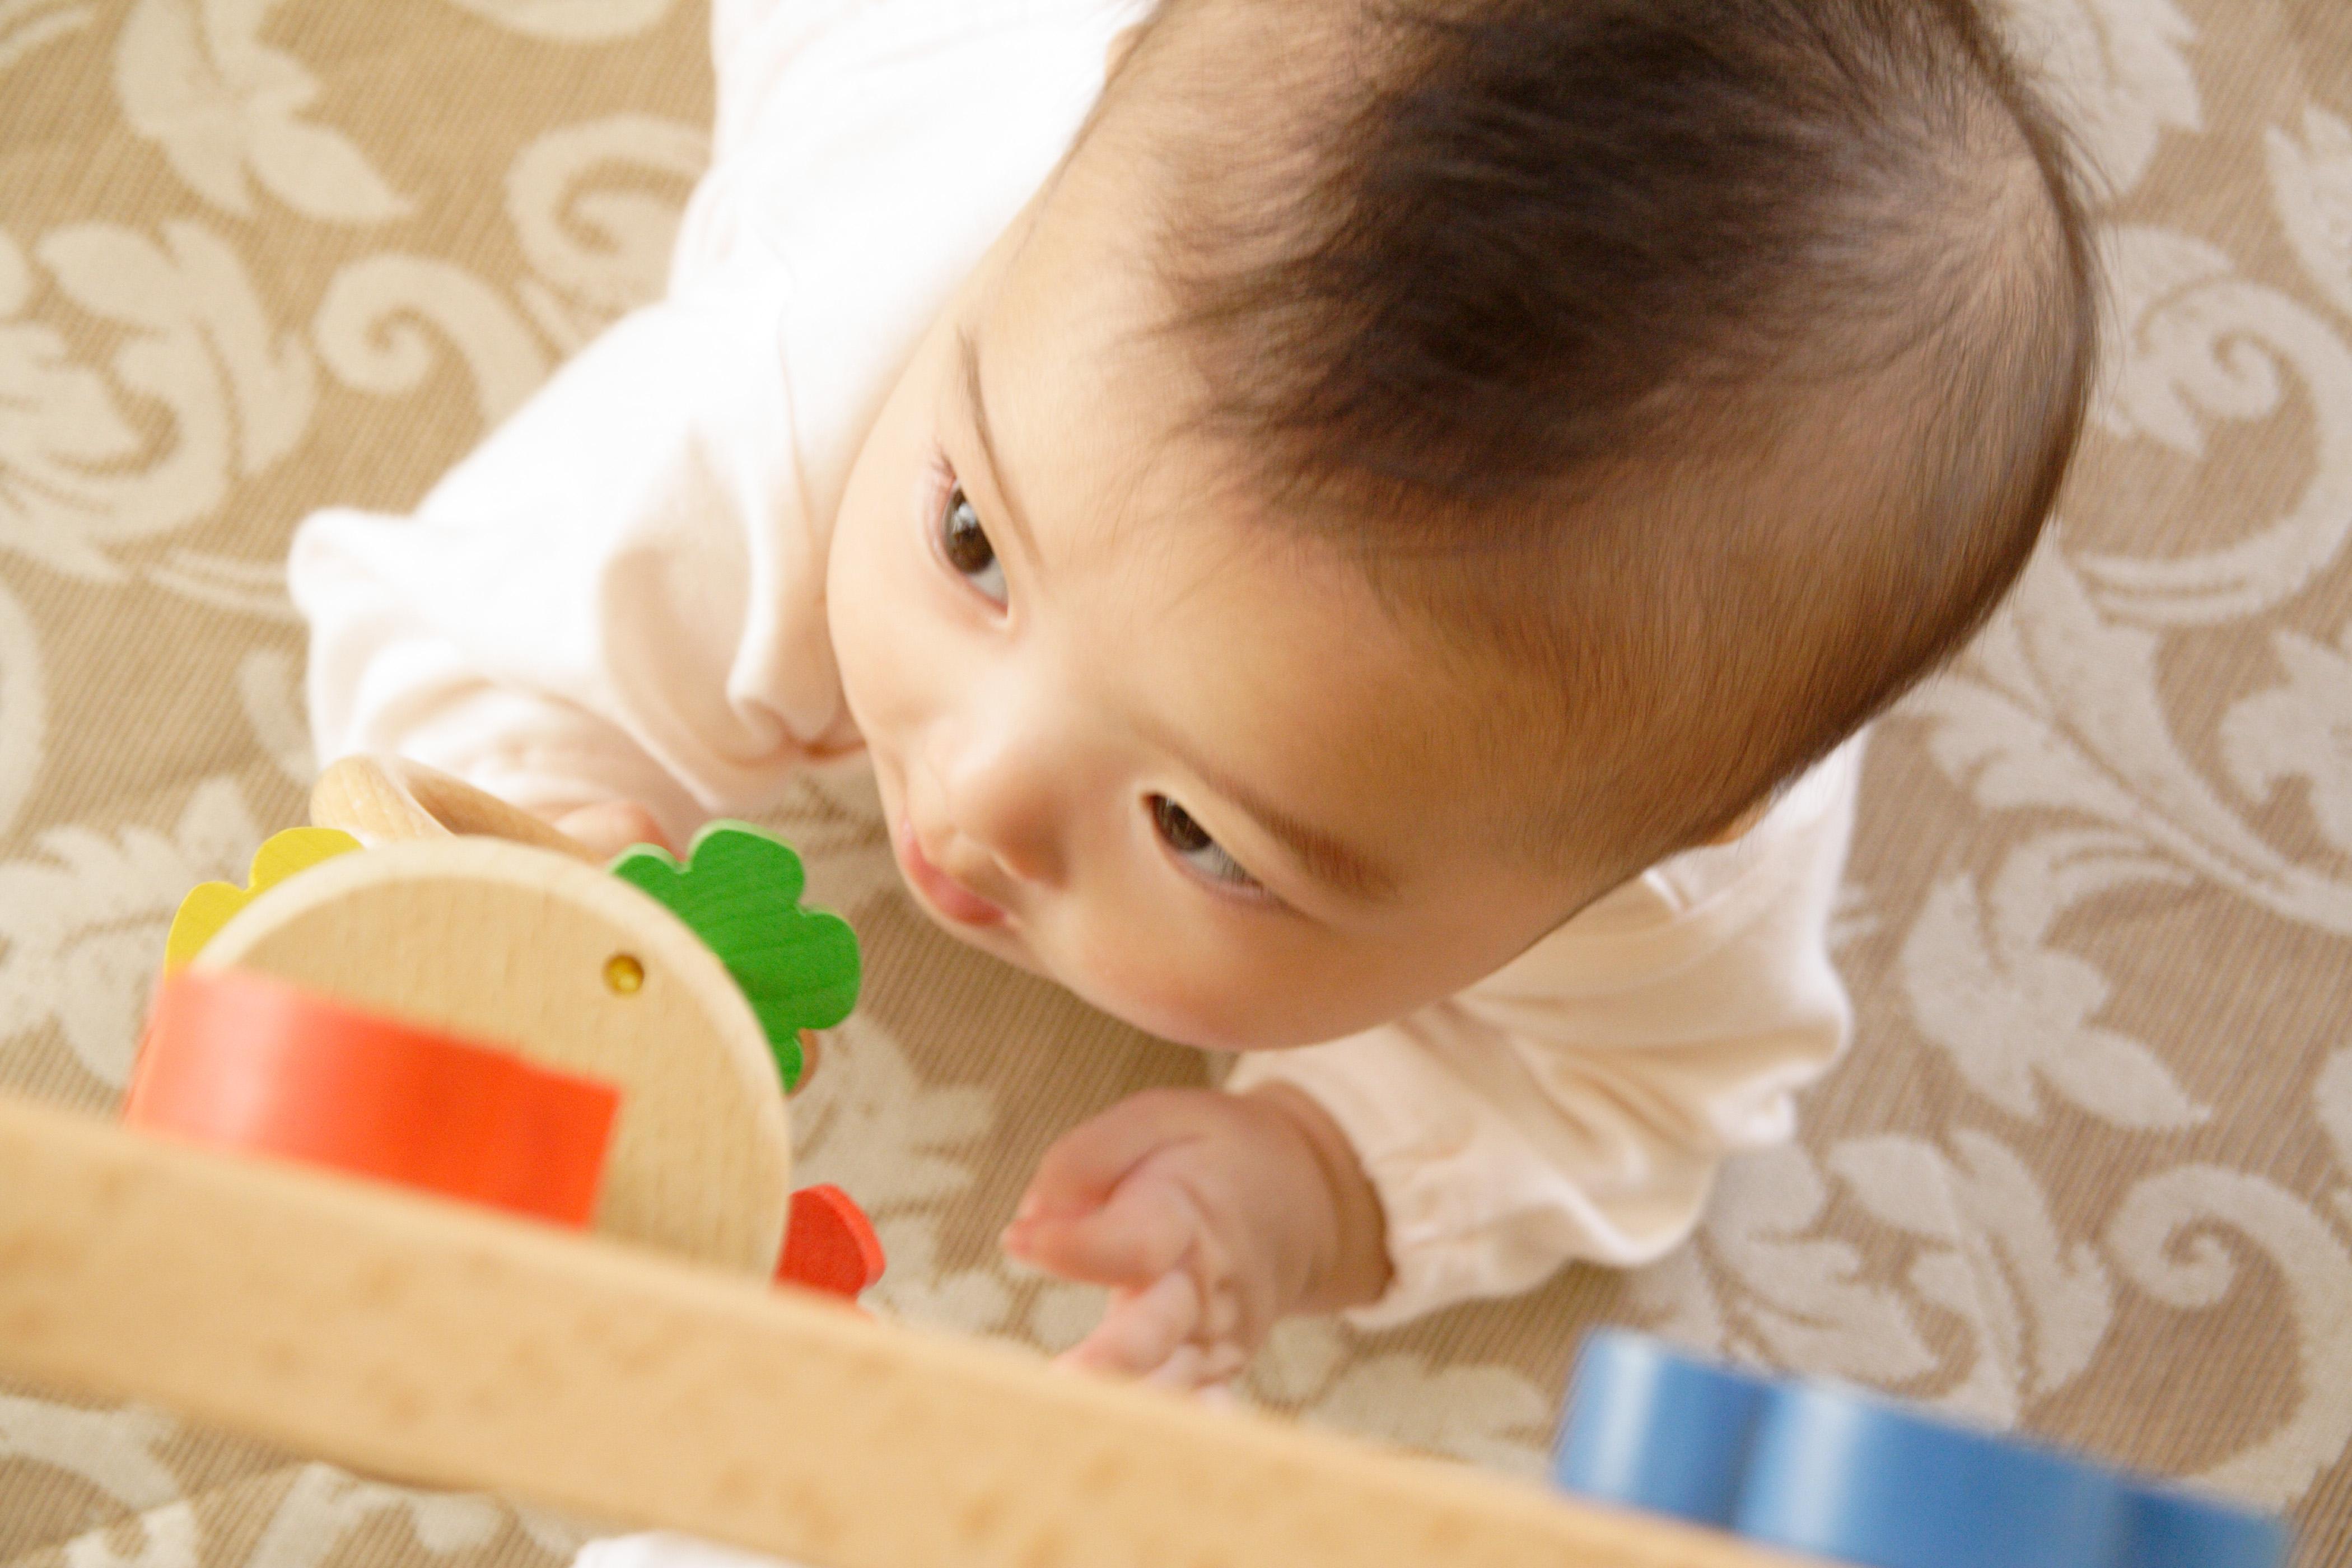 赤ちゃんをげっぷさせるコツ3選!意外と知らない魔法のテクニックを紹介!